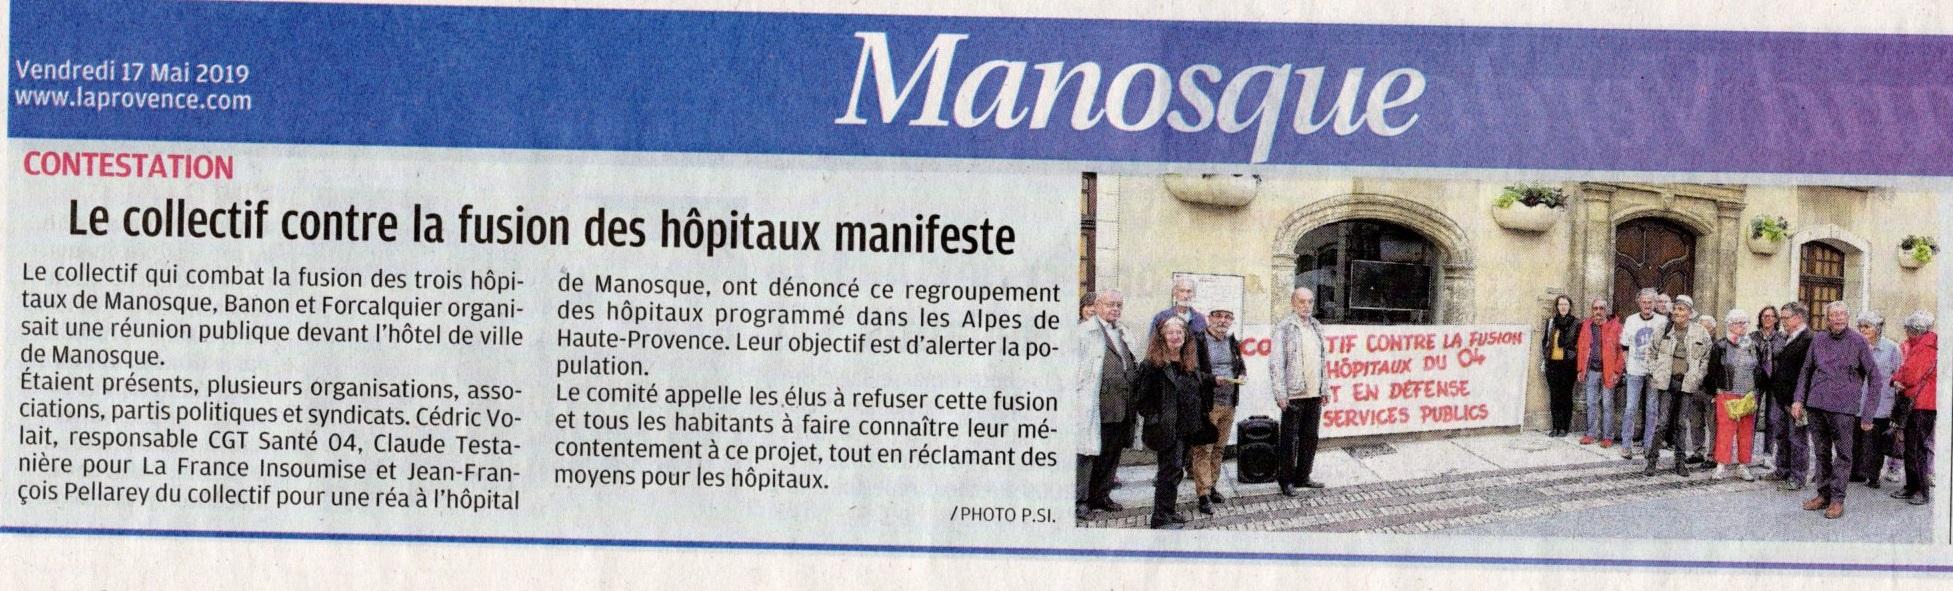 Débat fusion hôpitaux Manosque 15 mai 2019